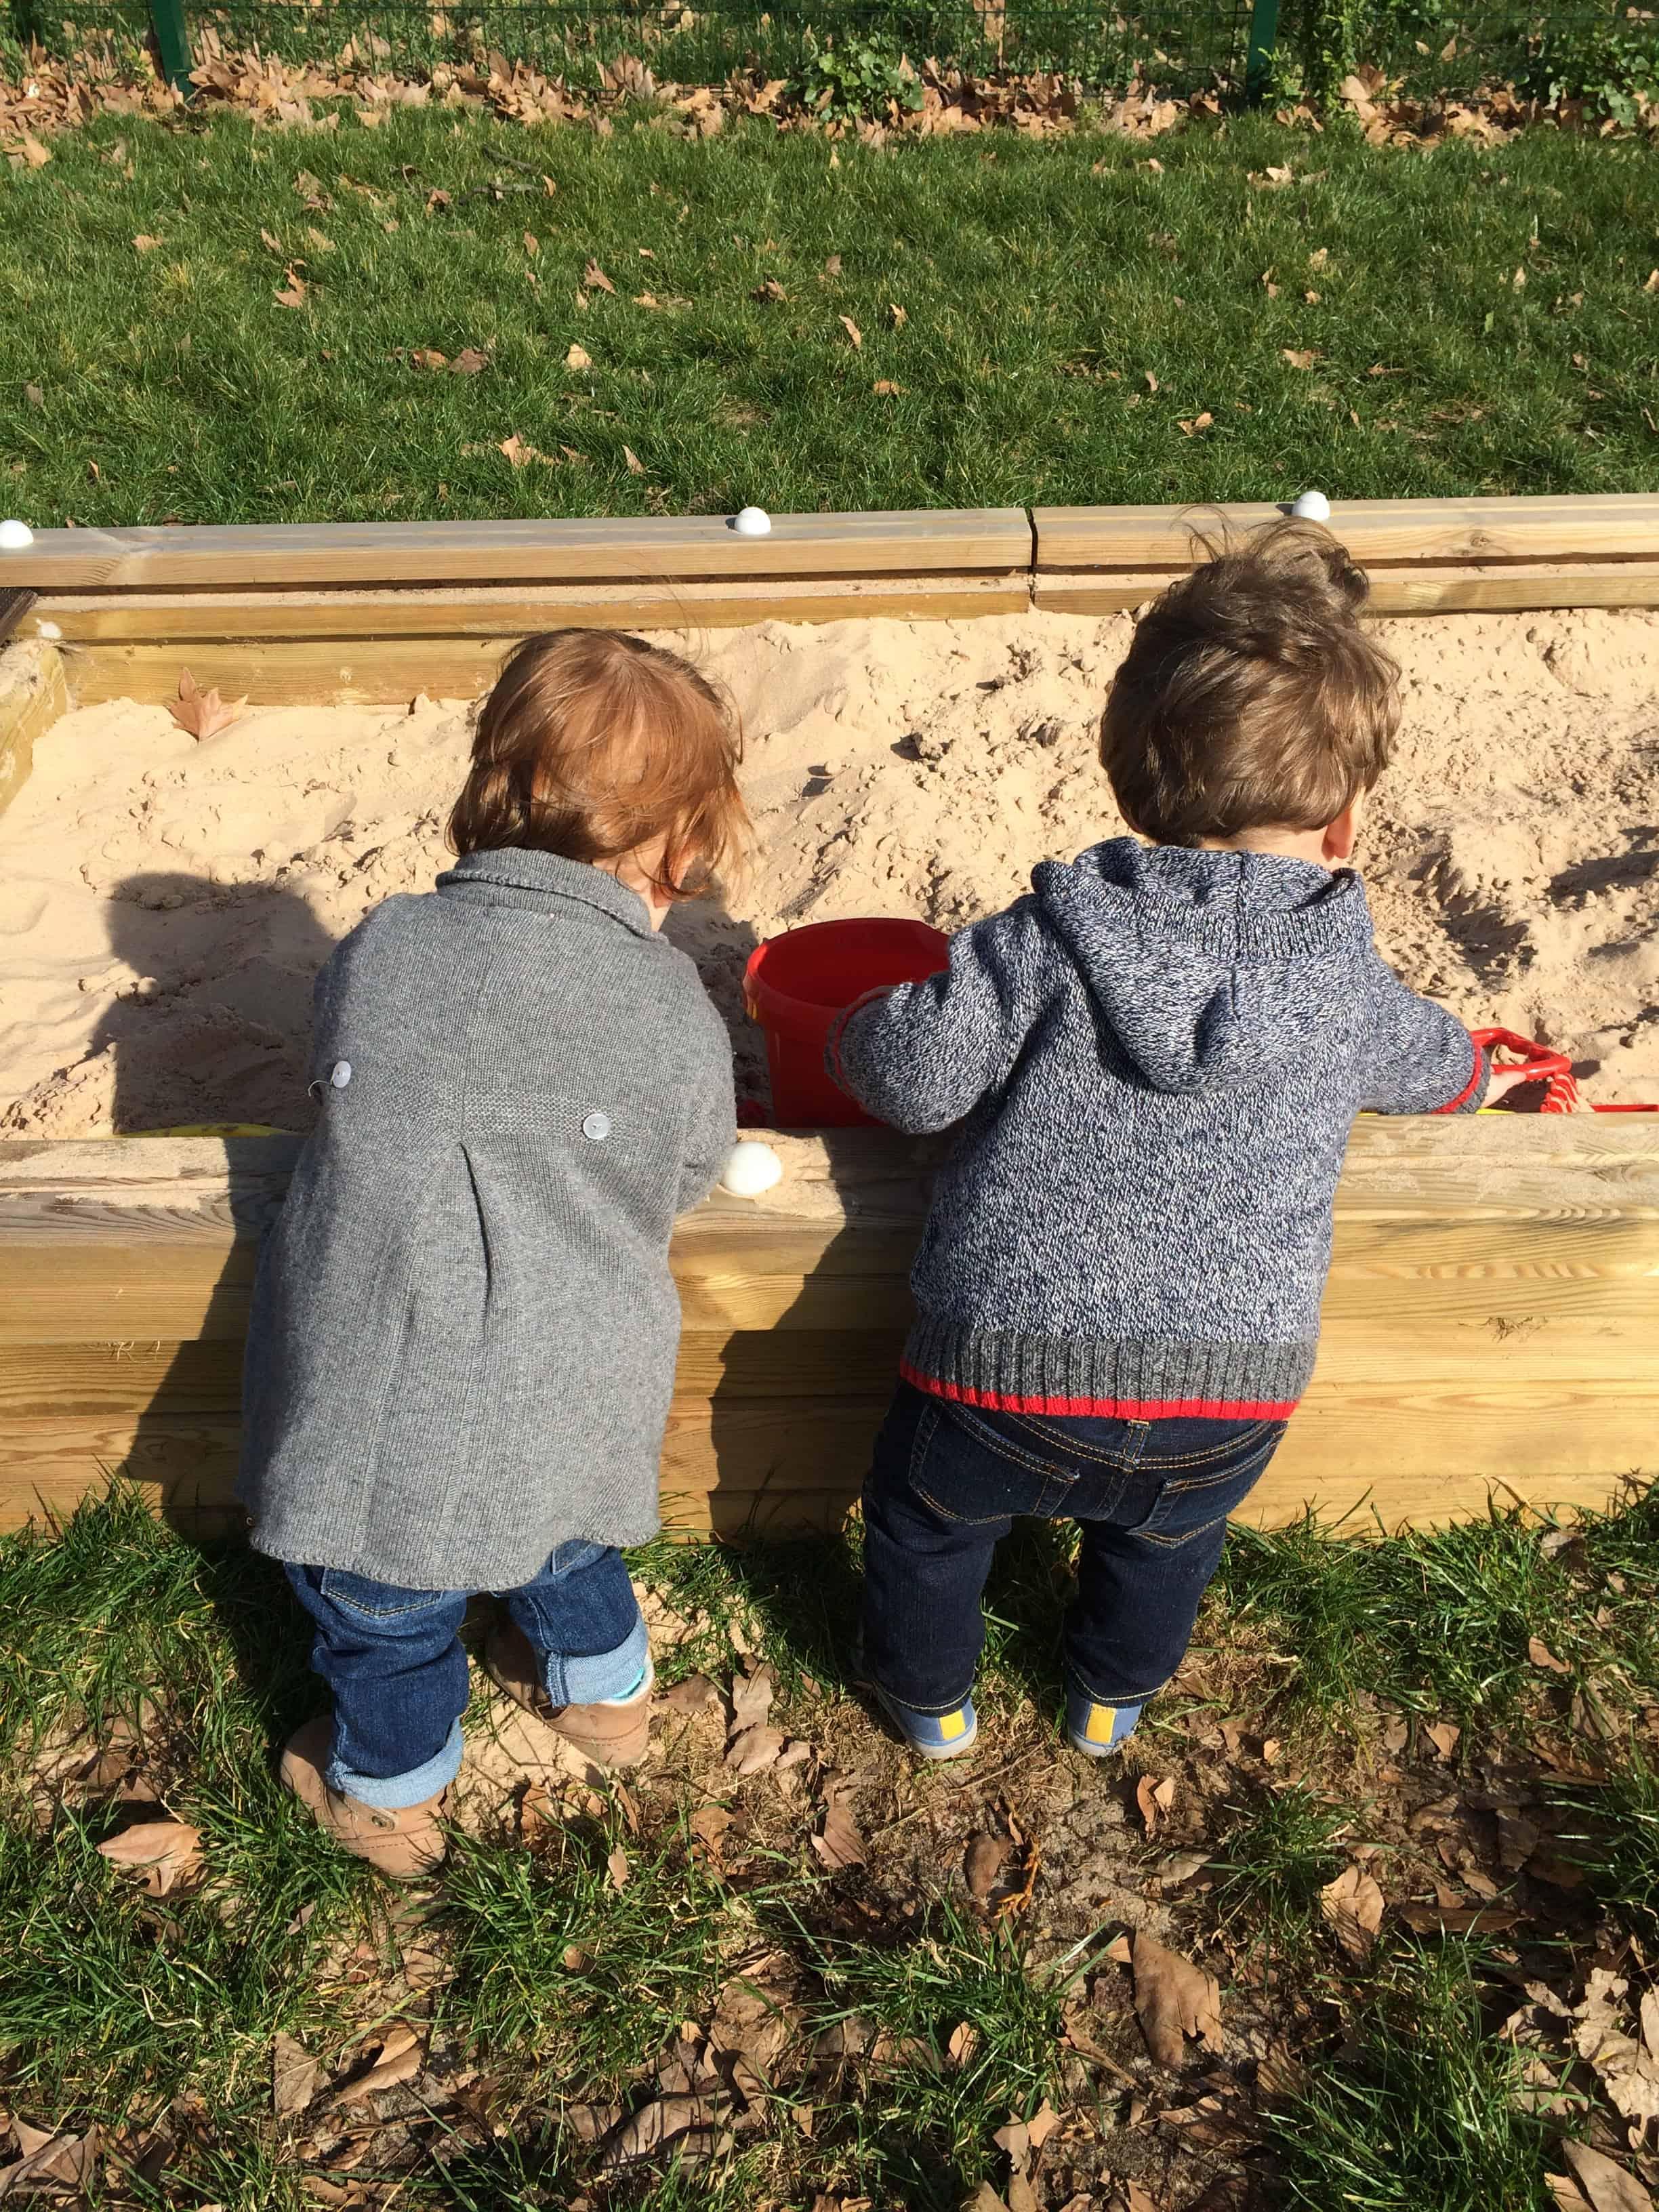 Sandpit fun at playgroup